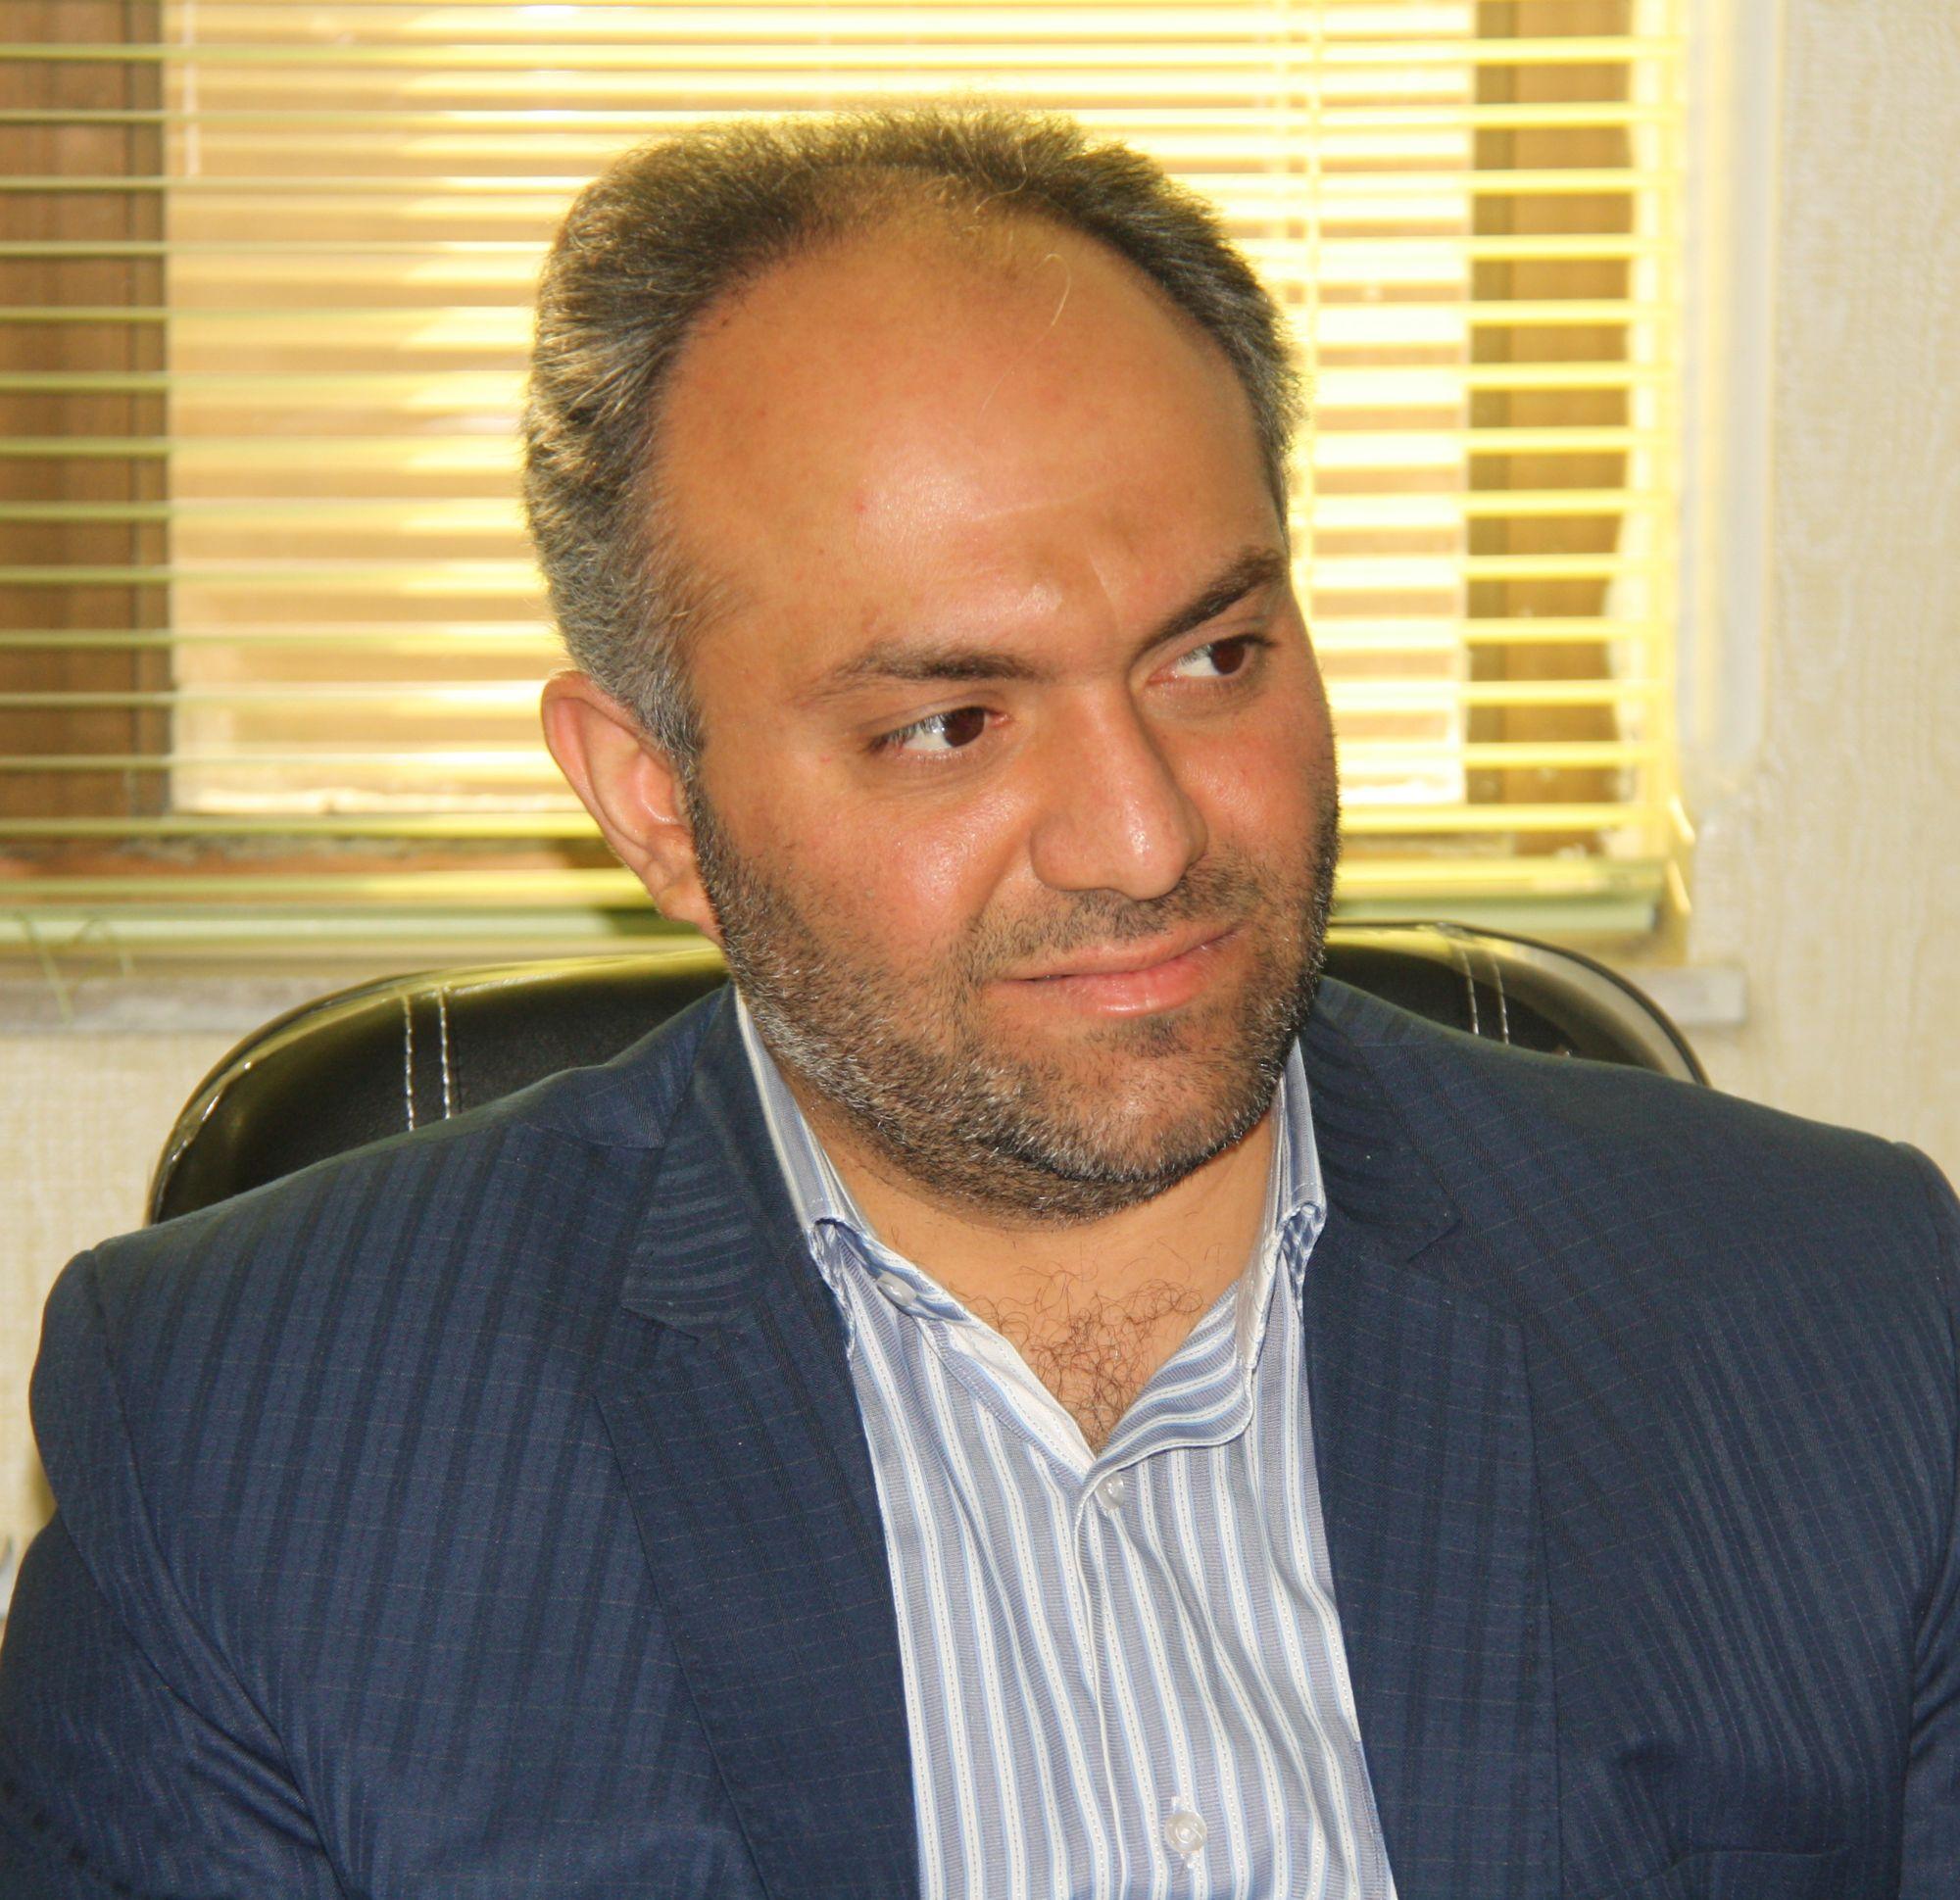 فتح اله فرجی:دولت دهم با تقسیمات ناصحیح مشکلات متعددی را در ورامین و پیشوا به وجود آورد/پایانه ورامین در برزخ راهاندازی/ اختلاف بر سر سرمایهای میلیاردی